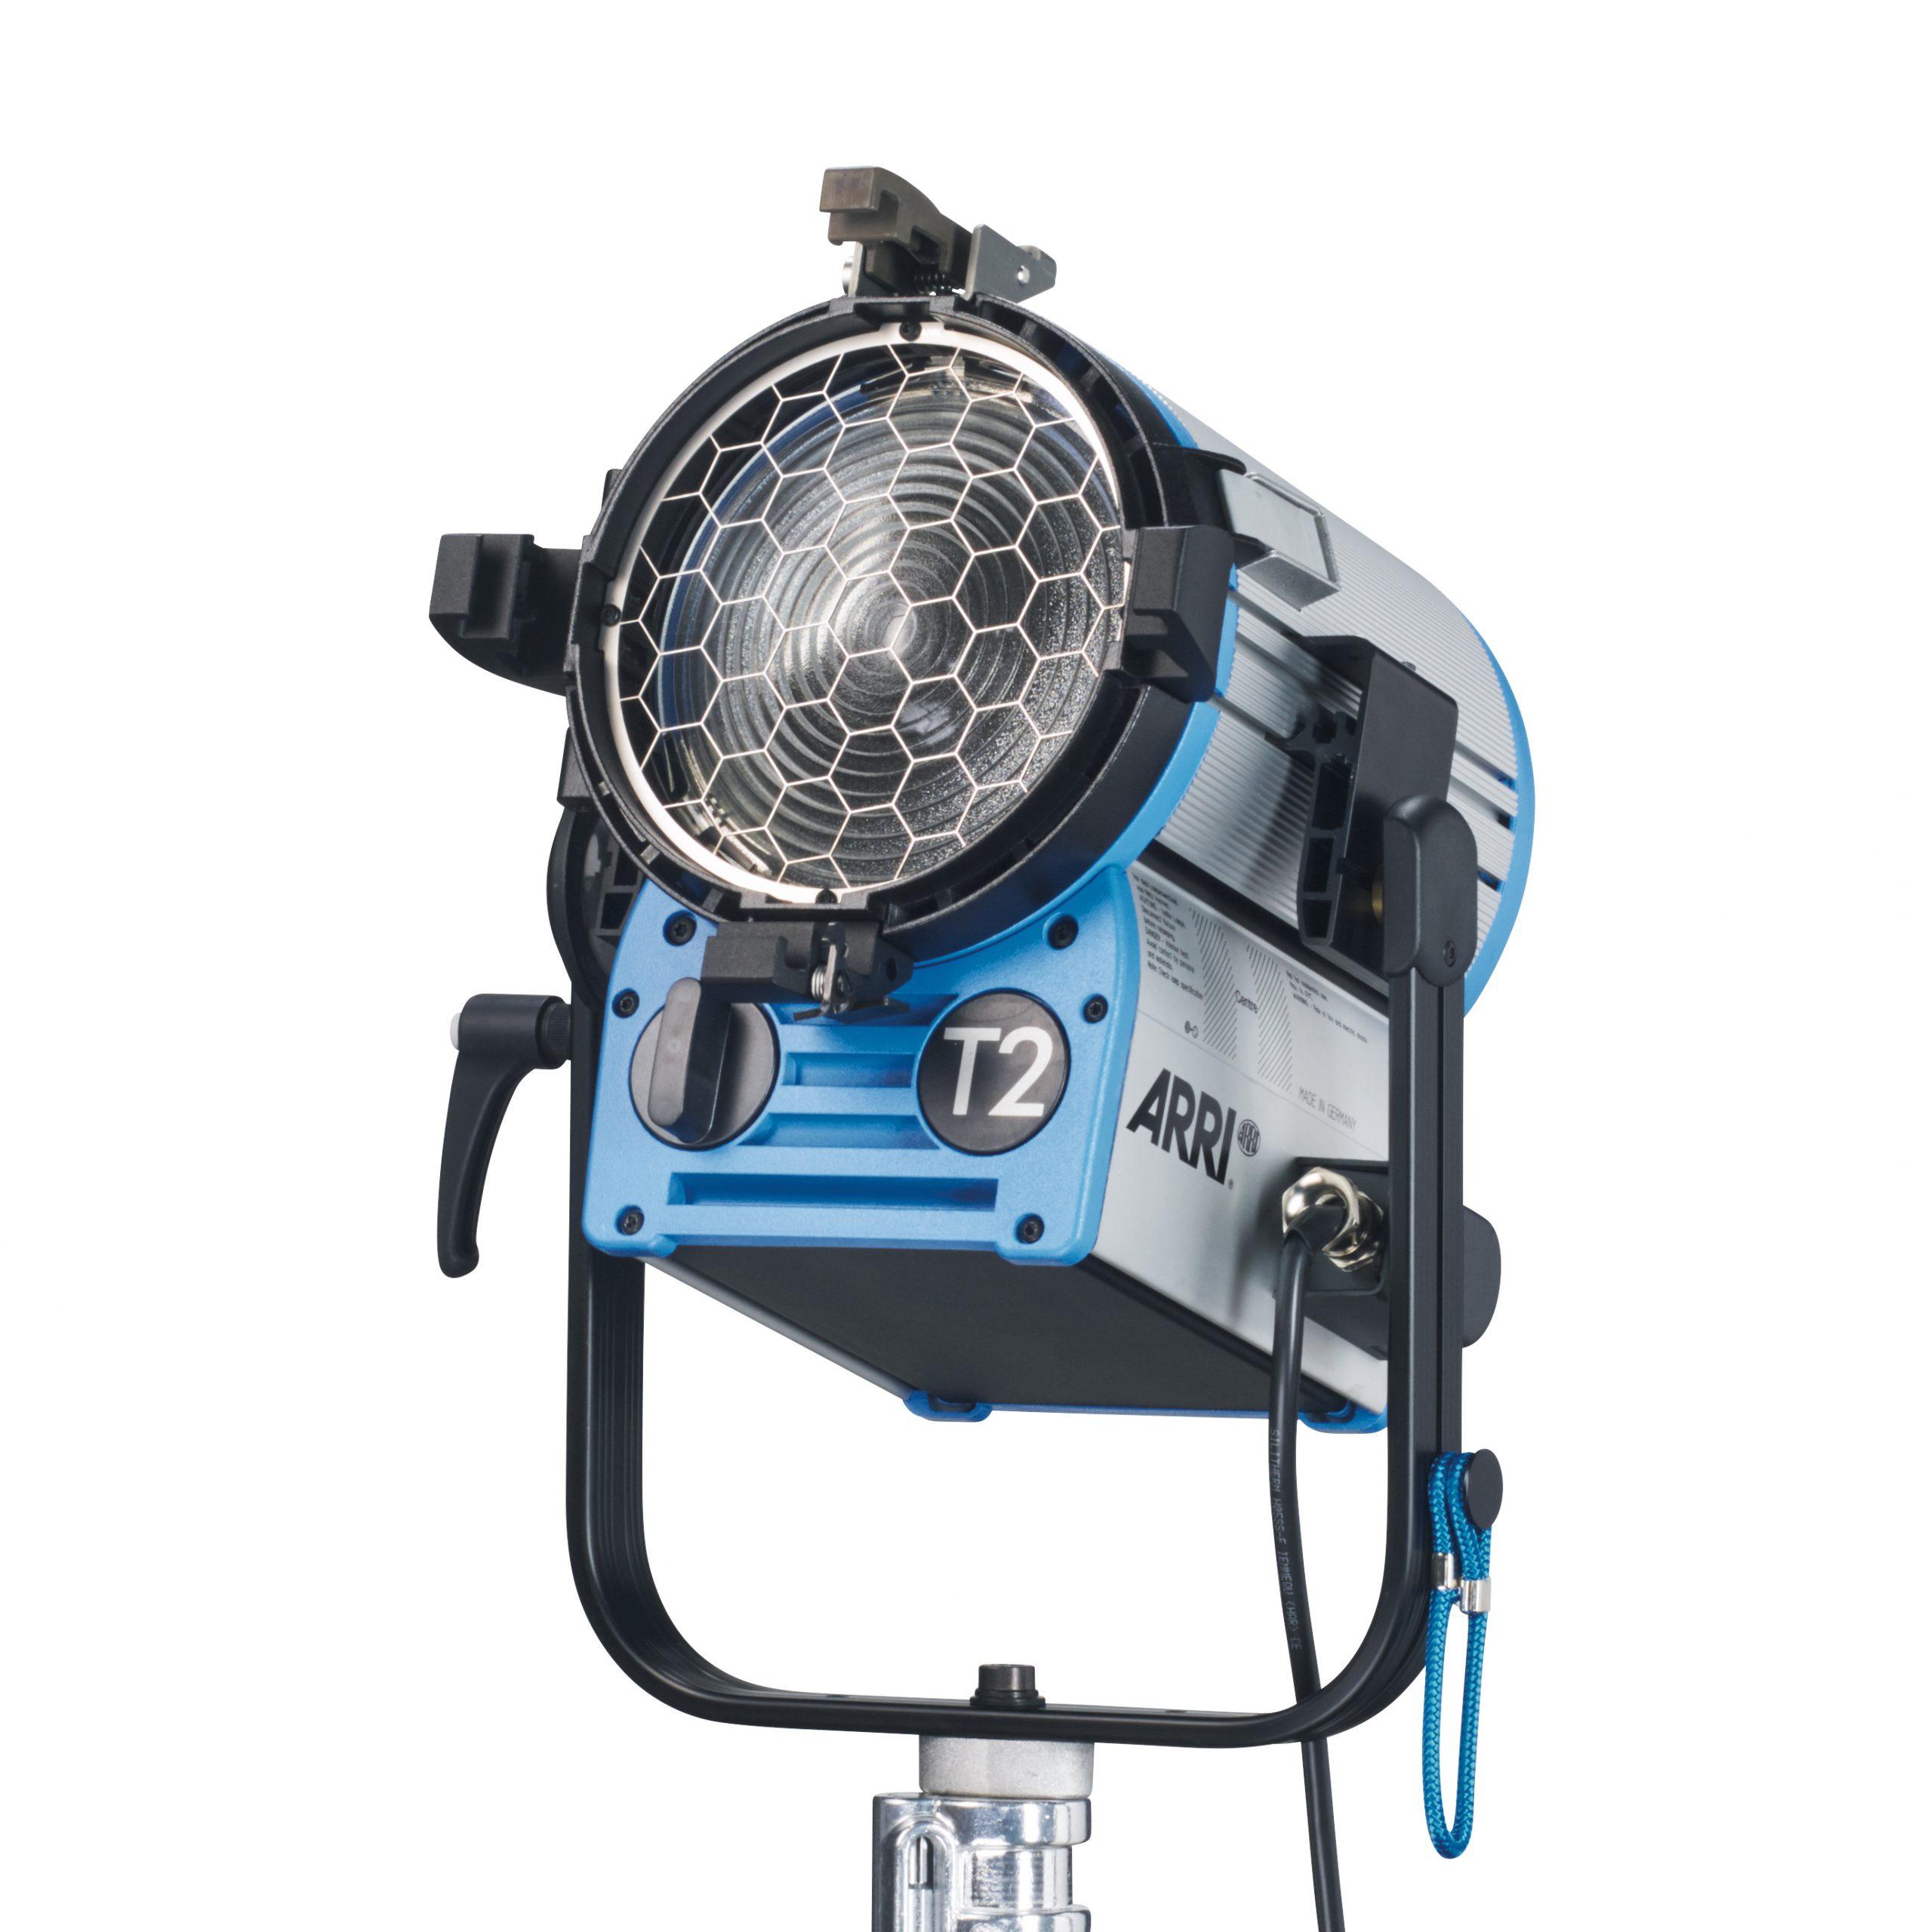 ARRI True Blue T2, MAN. 2000W, 4-Leaf Barndoor, Filterframe, inline switch, 3m cable, 28mm spigot, Blue/Silver,schuko